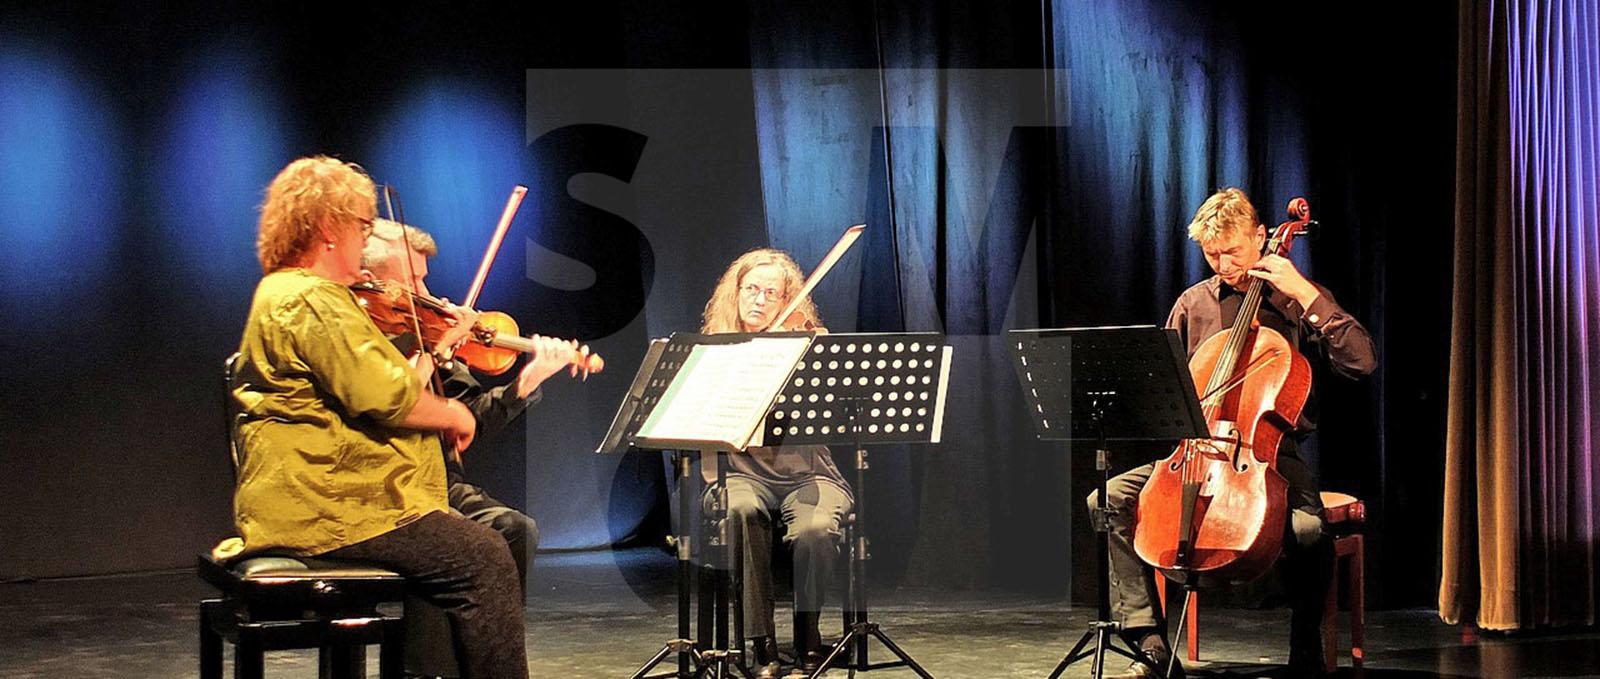 Hauptbild Konzert Wiener Klassik